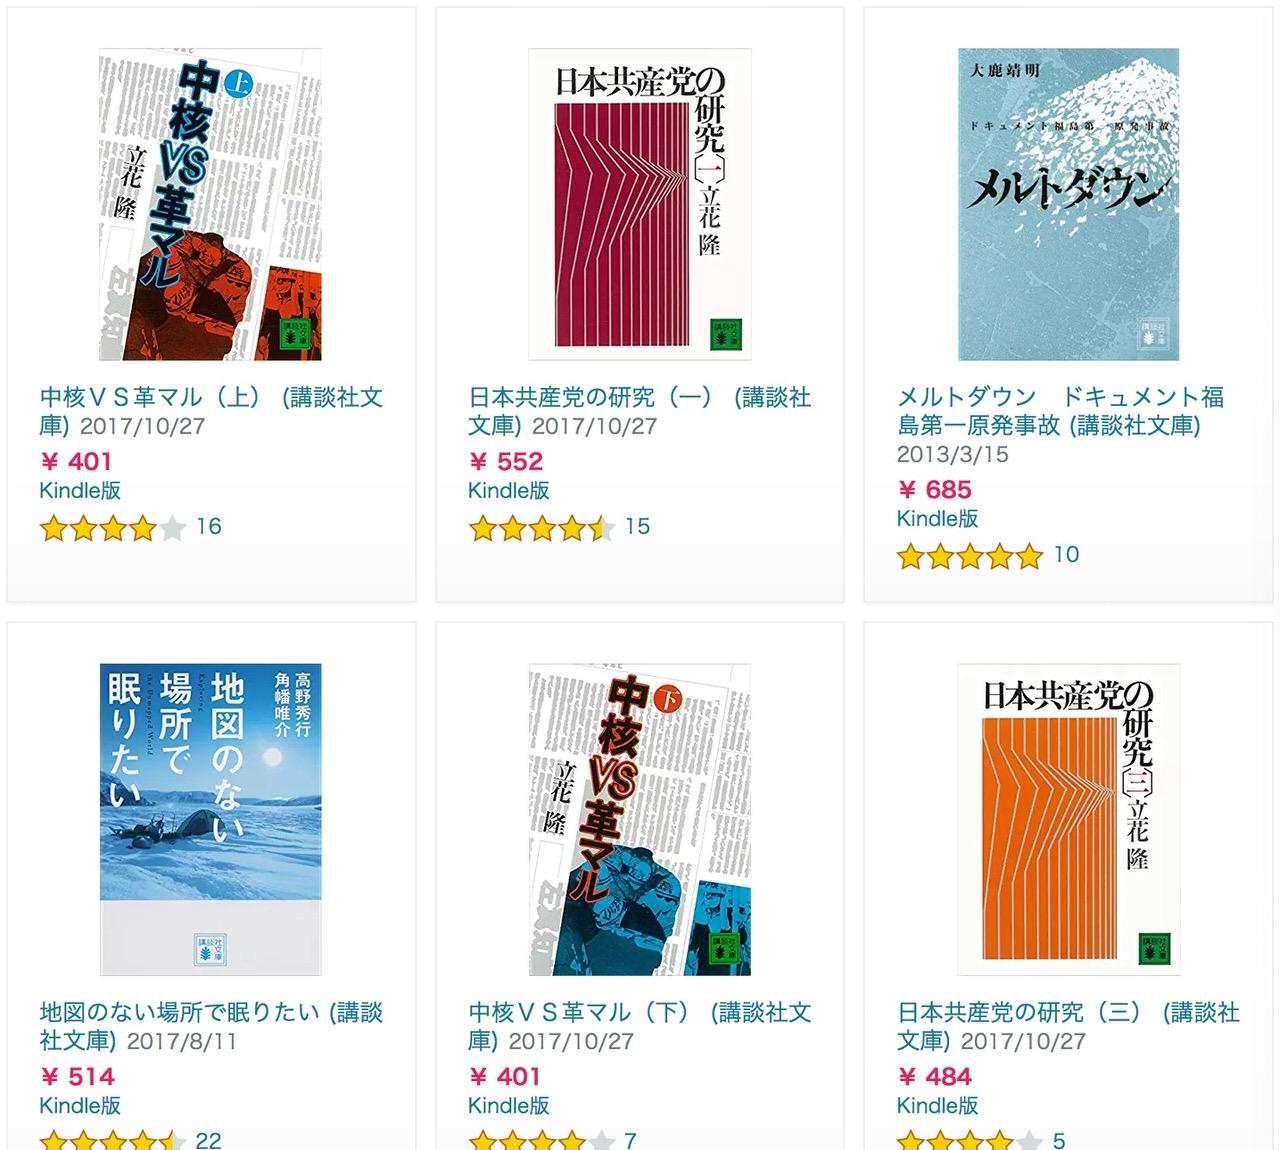 【Kindleセール】30%OFF!講談社文庫の名作ノンフィクション&立花隆配信開始フェア(11/9まで)